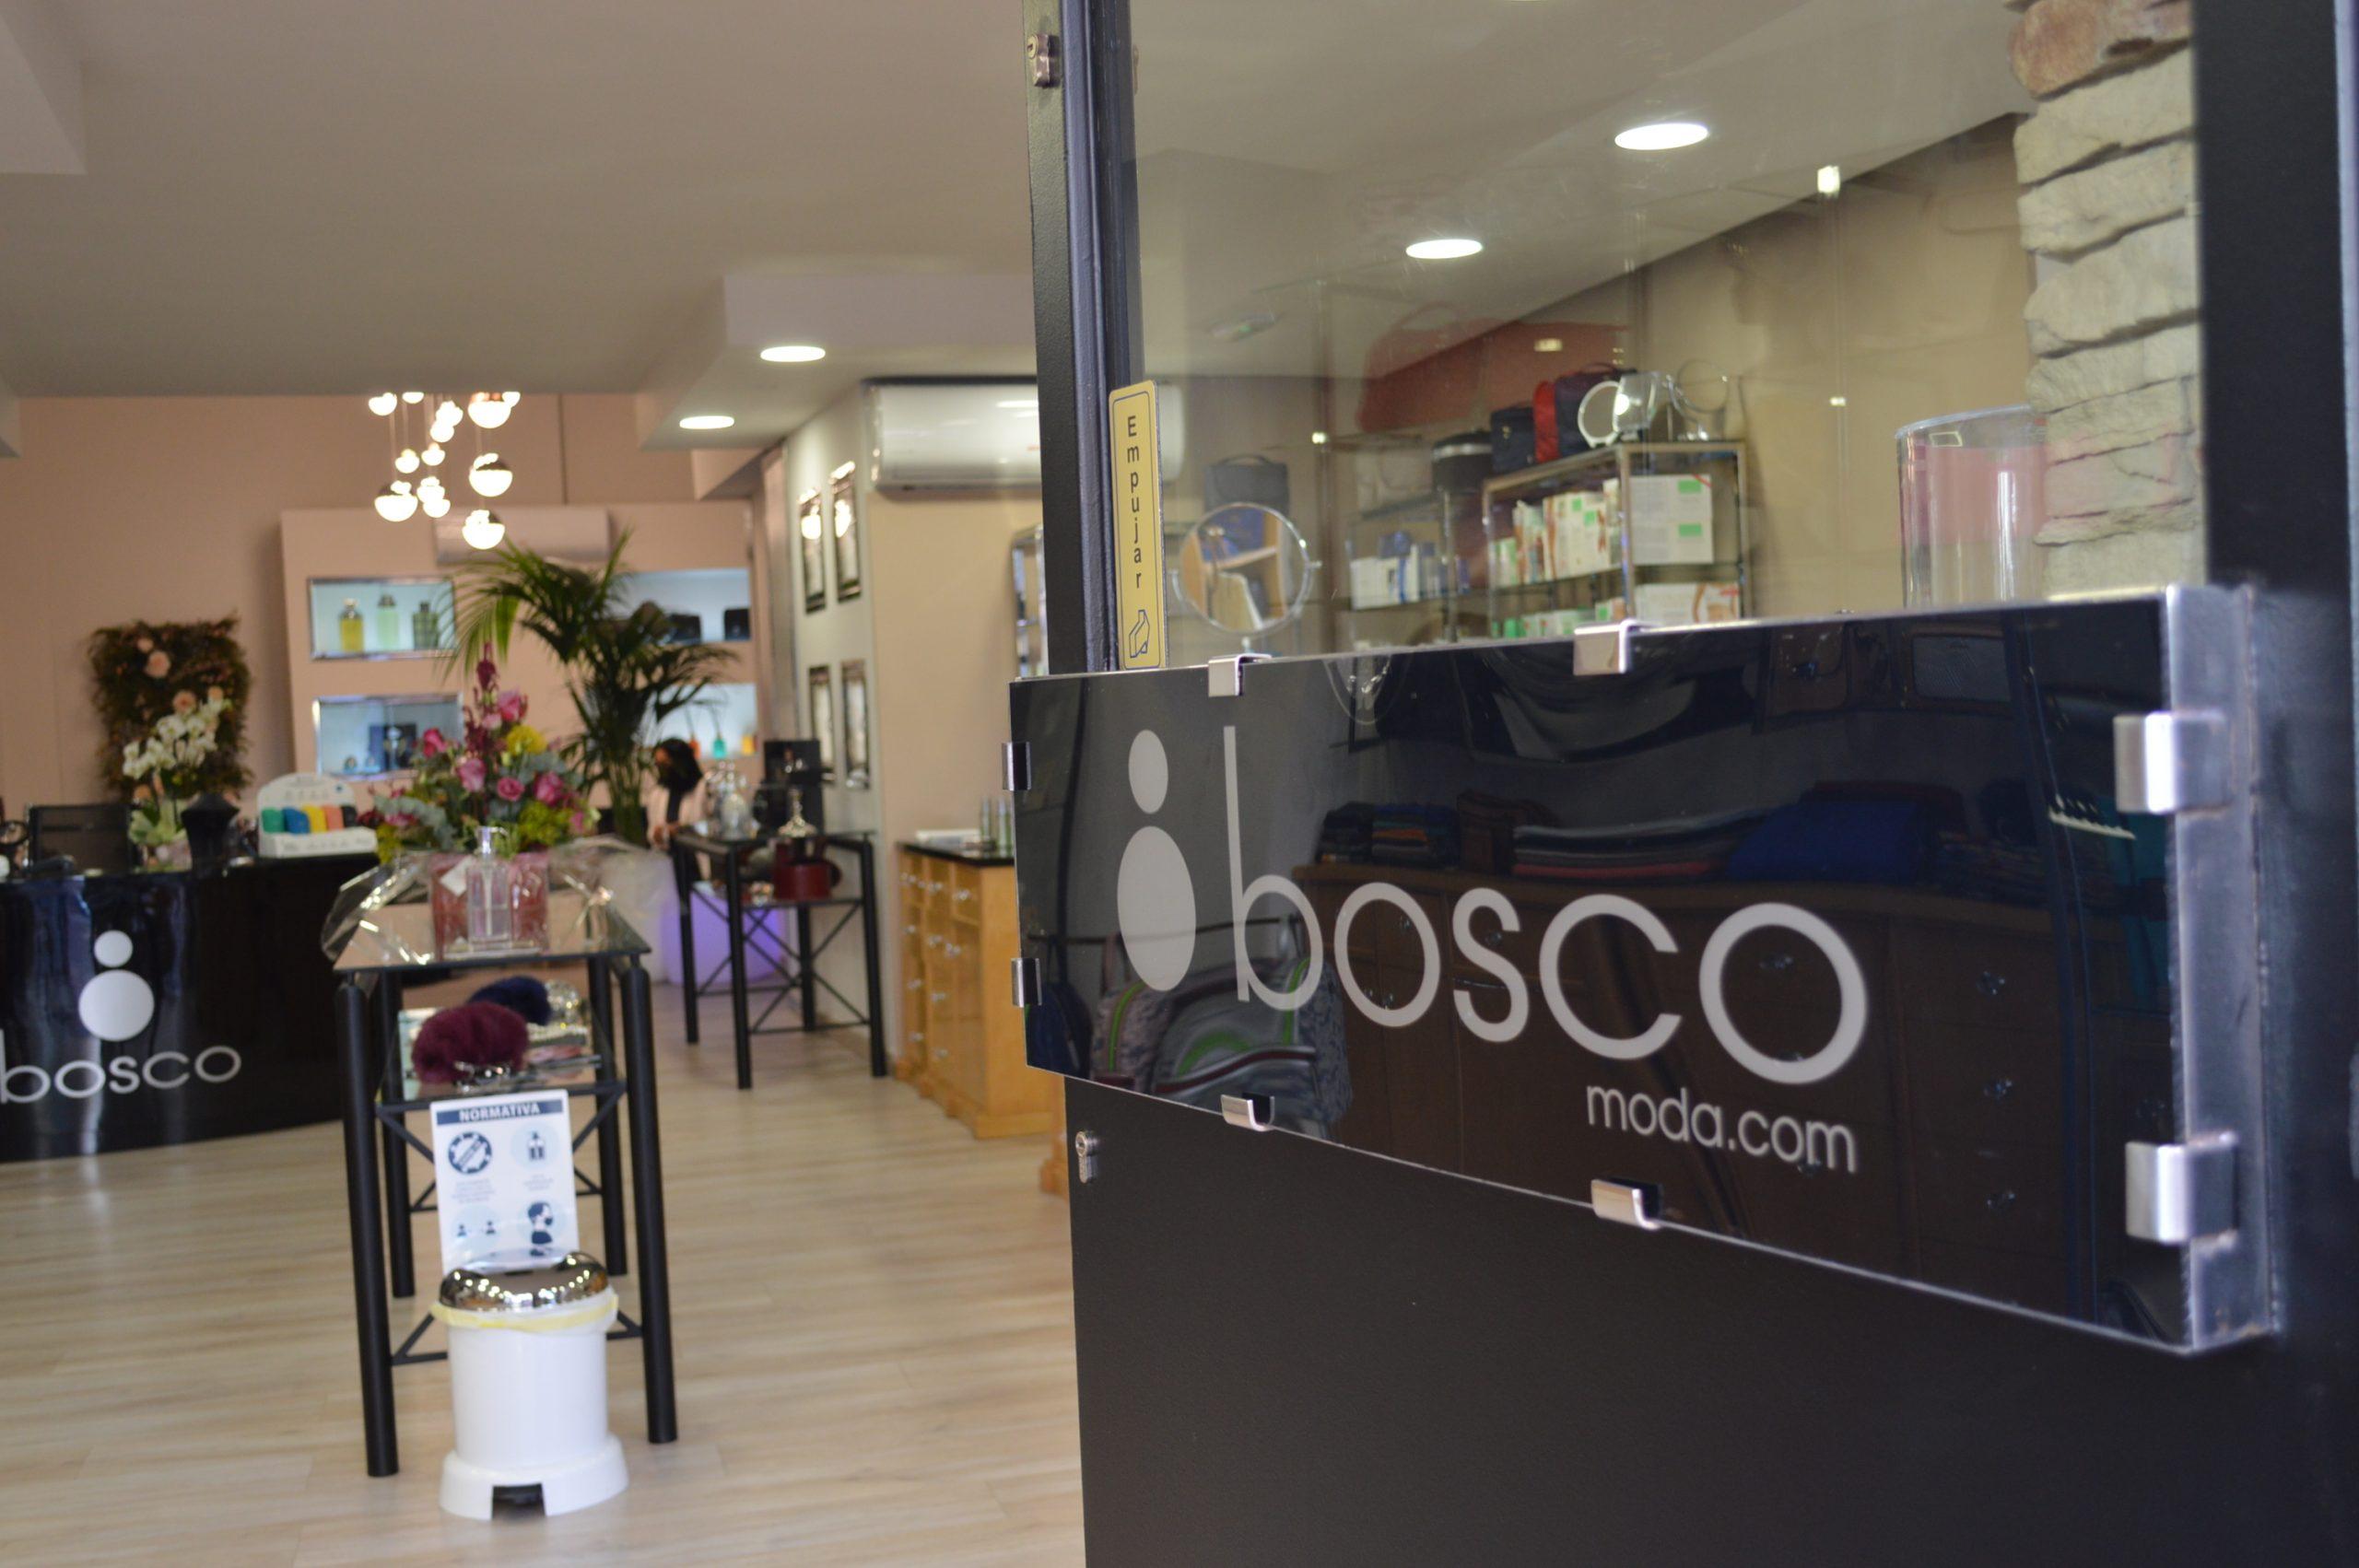 Bosco celebra su 20 aniversario con nueva ubicación en el centro de la ciudad 8